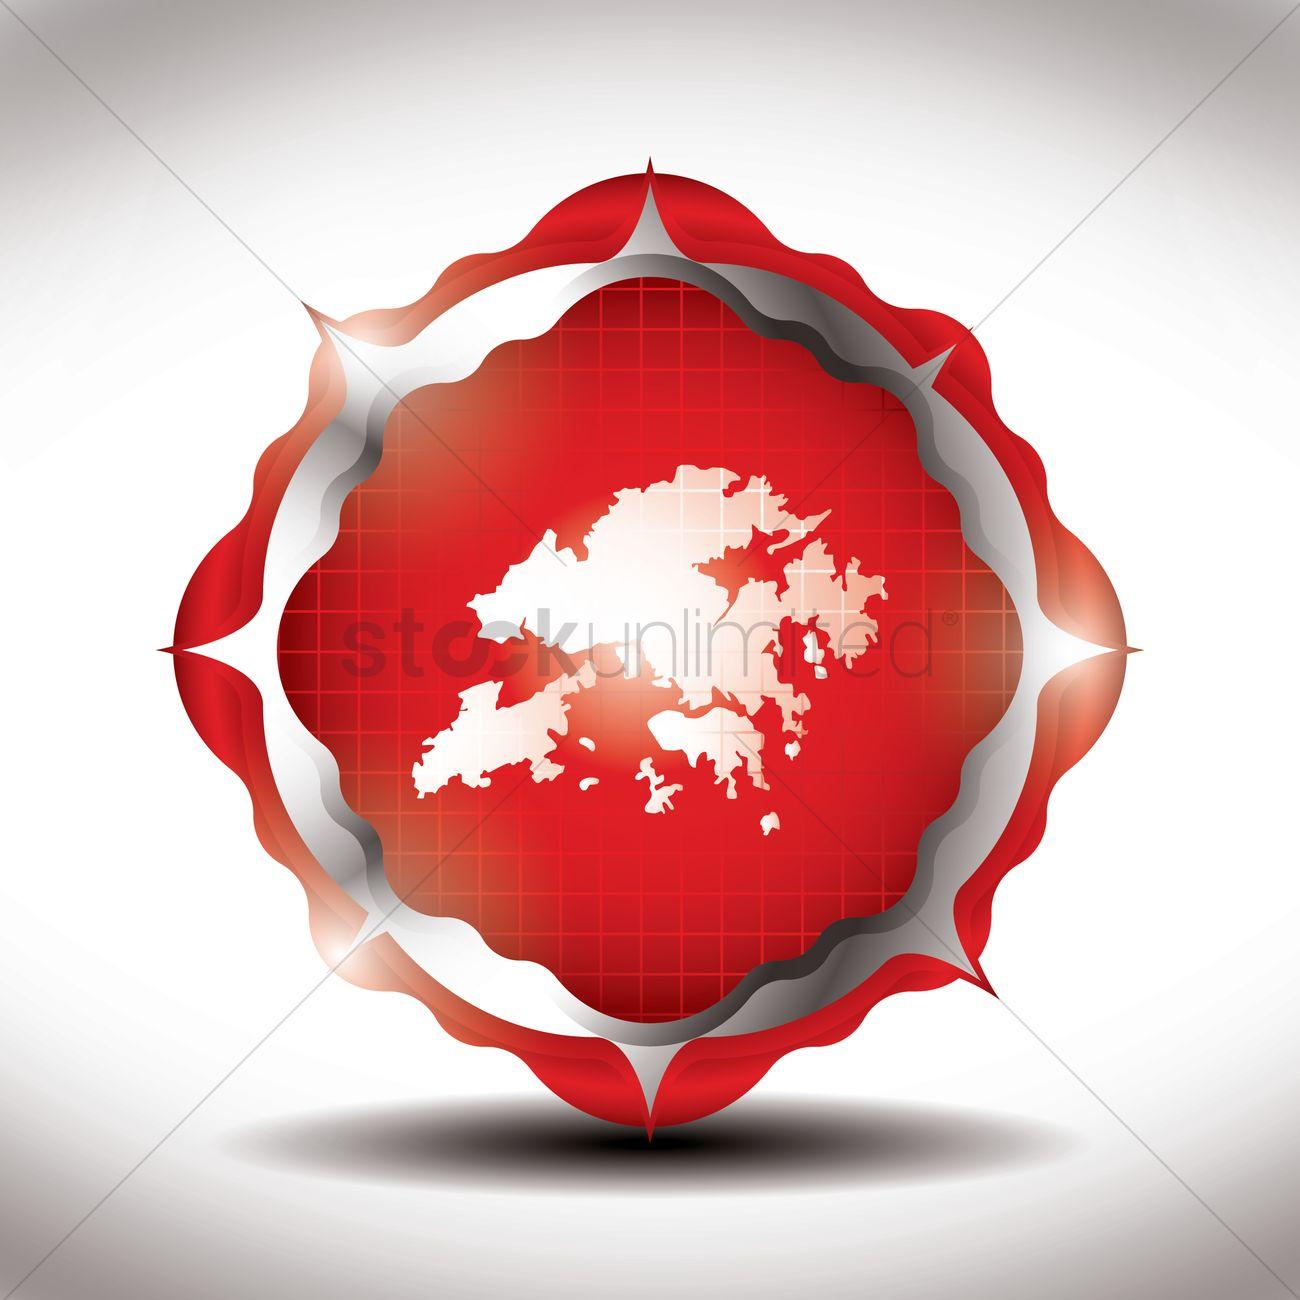 Hong kong map icon Vector Image - 1597107 | StockUnlimited